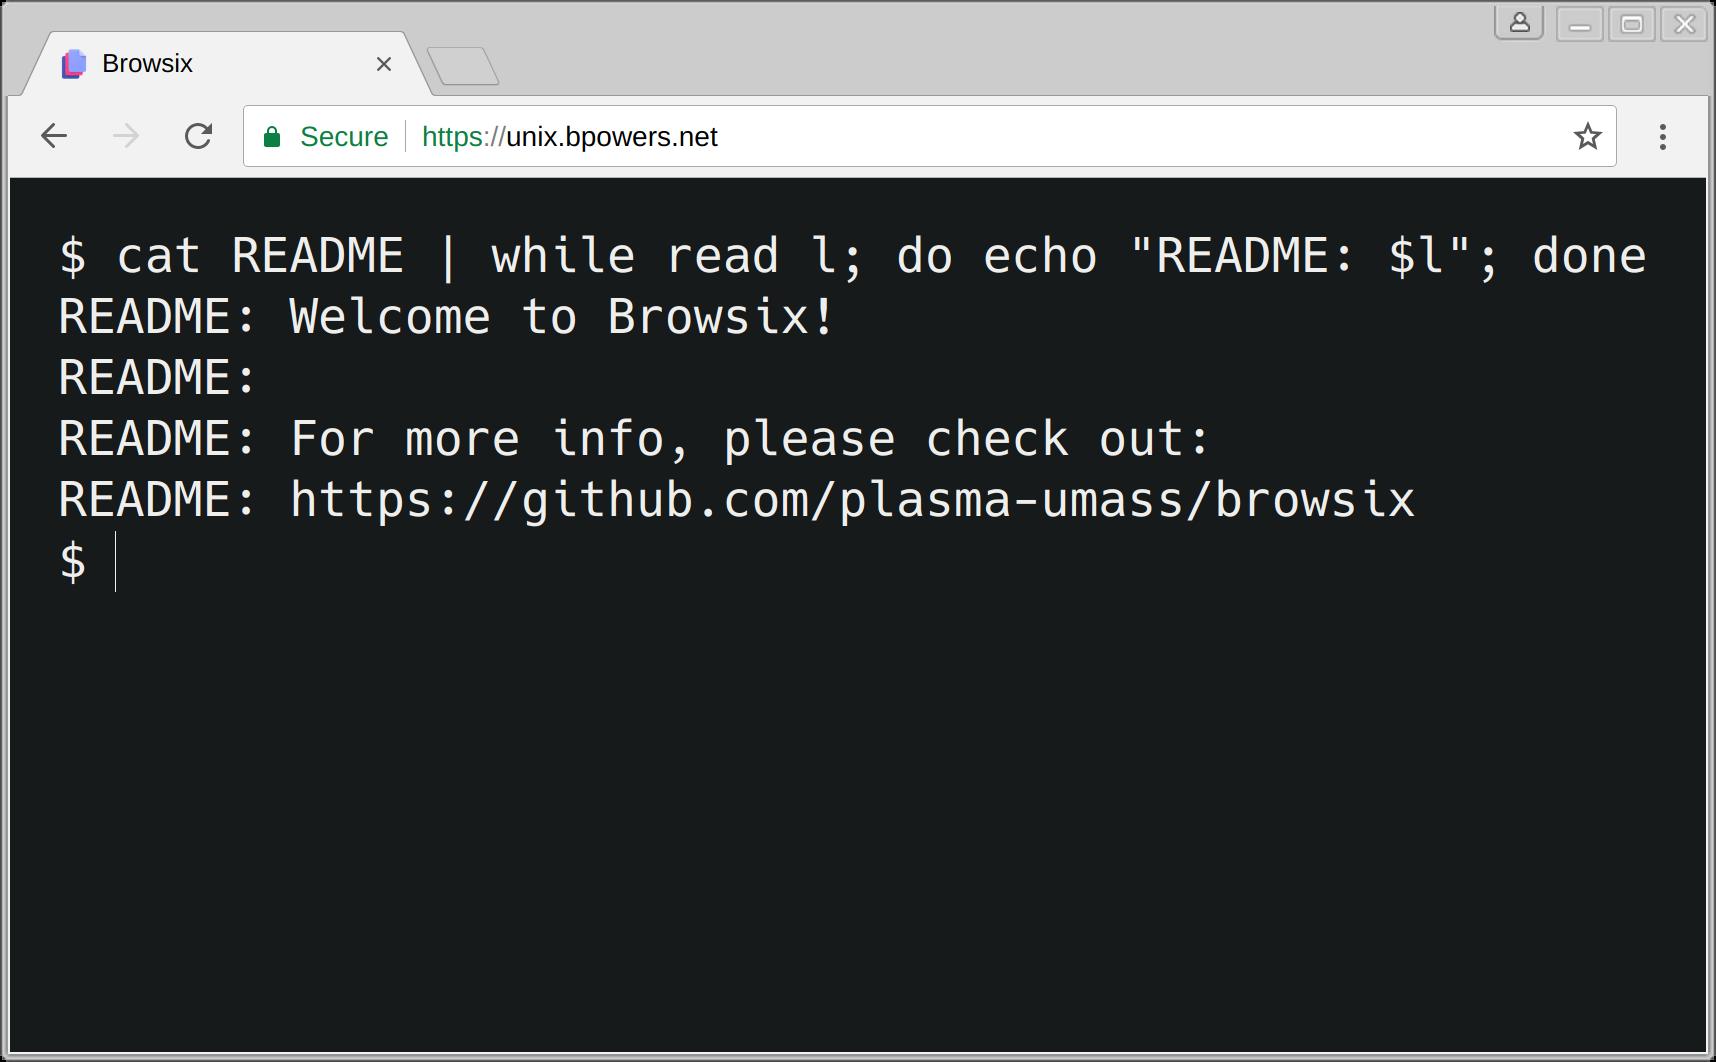 浏览器中的类 Unix 操作系统 Browsix